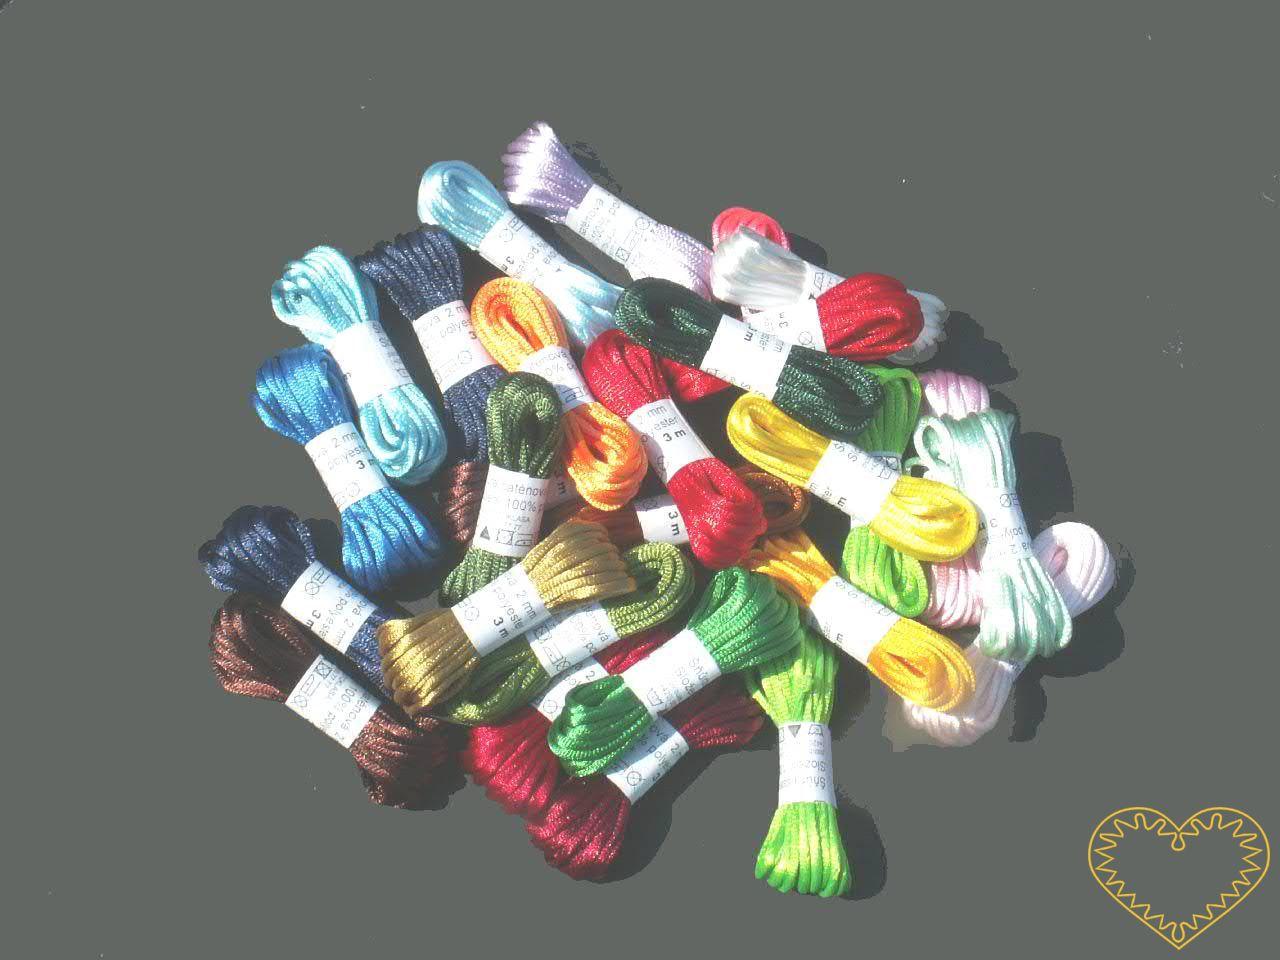 Šňůra saténová Ø 2 mm, délka 3 m - barevný mix. Jsou kvalitní, netrhají se, rychle se neprodřou a jsou stálobarevné. Saténové šňůrky mají široké využití. Při výrobě šperků, dekorování oděvů, při balení dárku. Používají se k různým dekoračním účelům.V